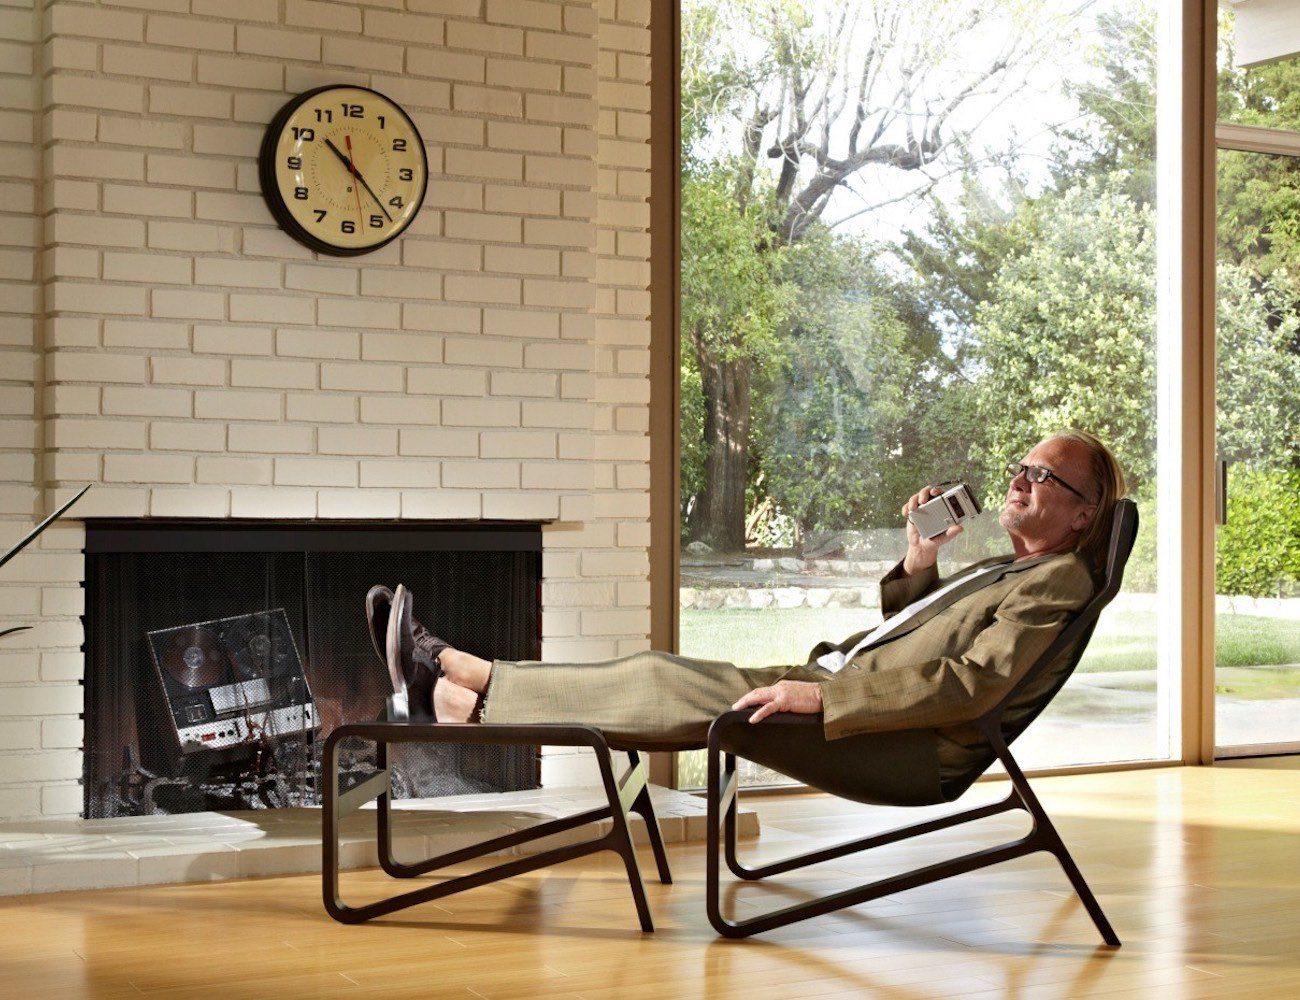 Toro Lounge Chair By Blu Dot 187 Gadget Flow